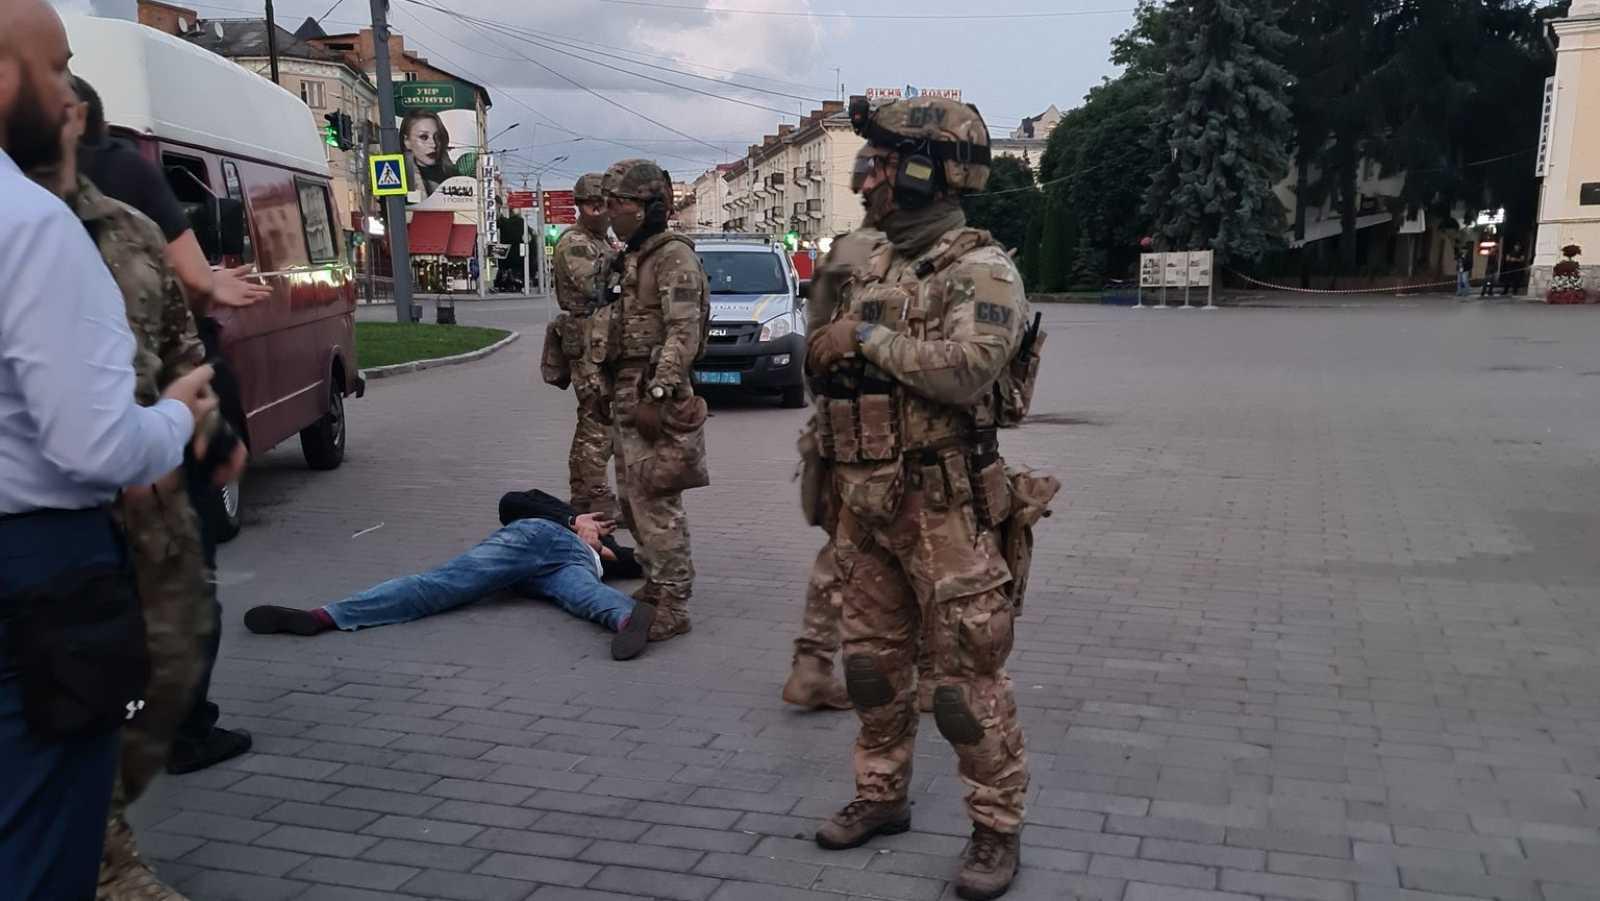 La policía ucraniana detiene al secuestrador del autobús y libera a todos los rehenes